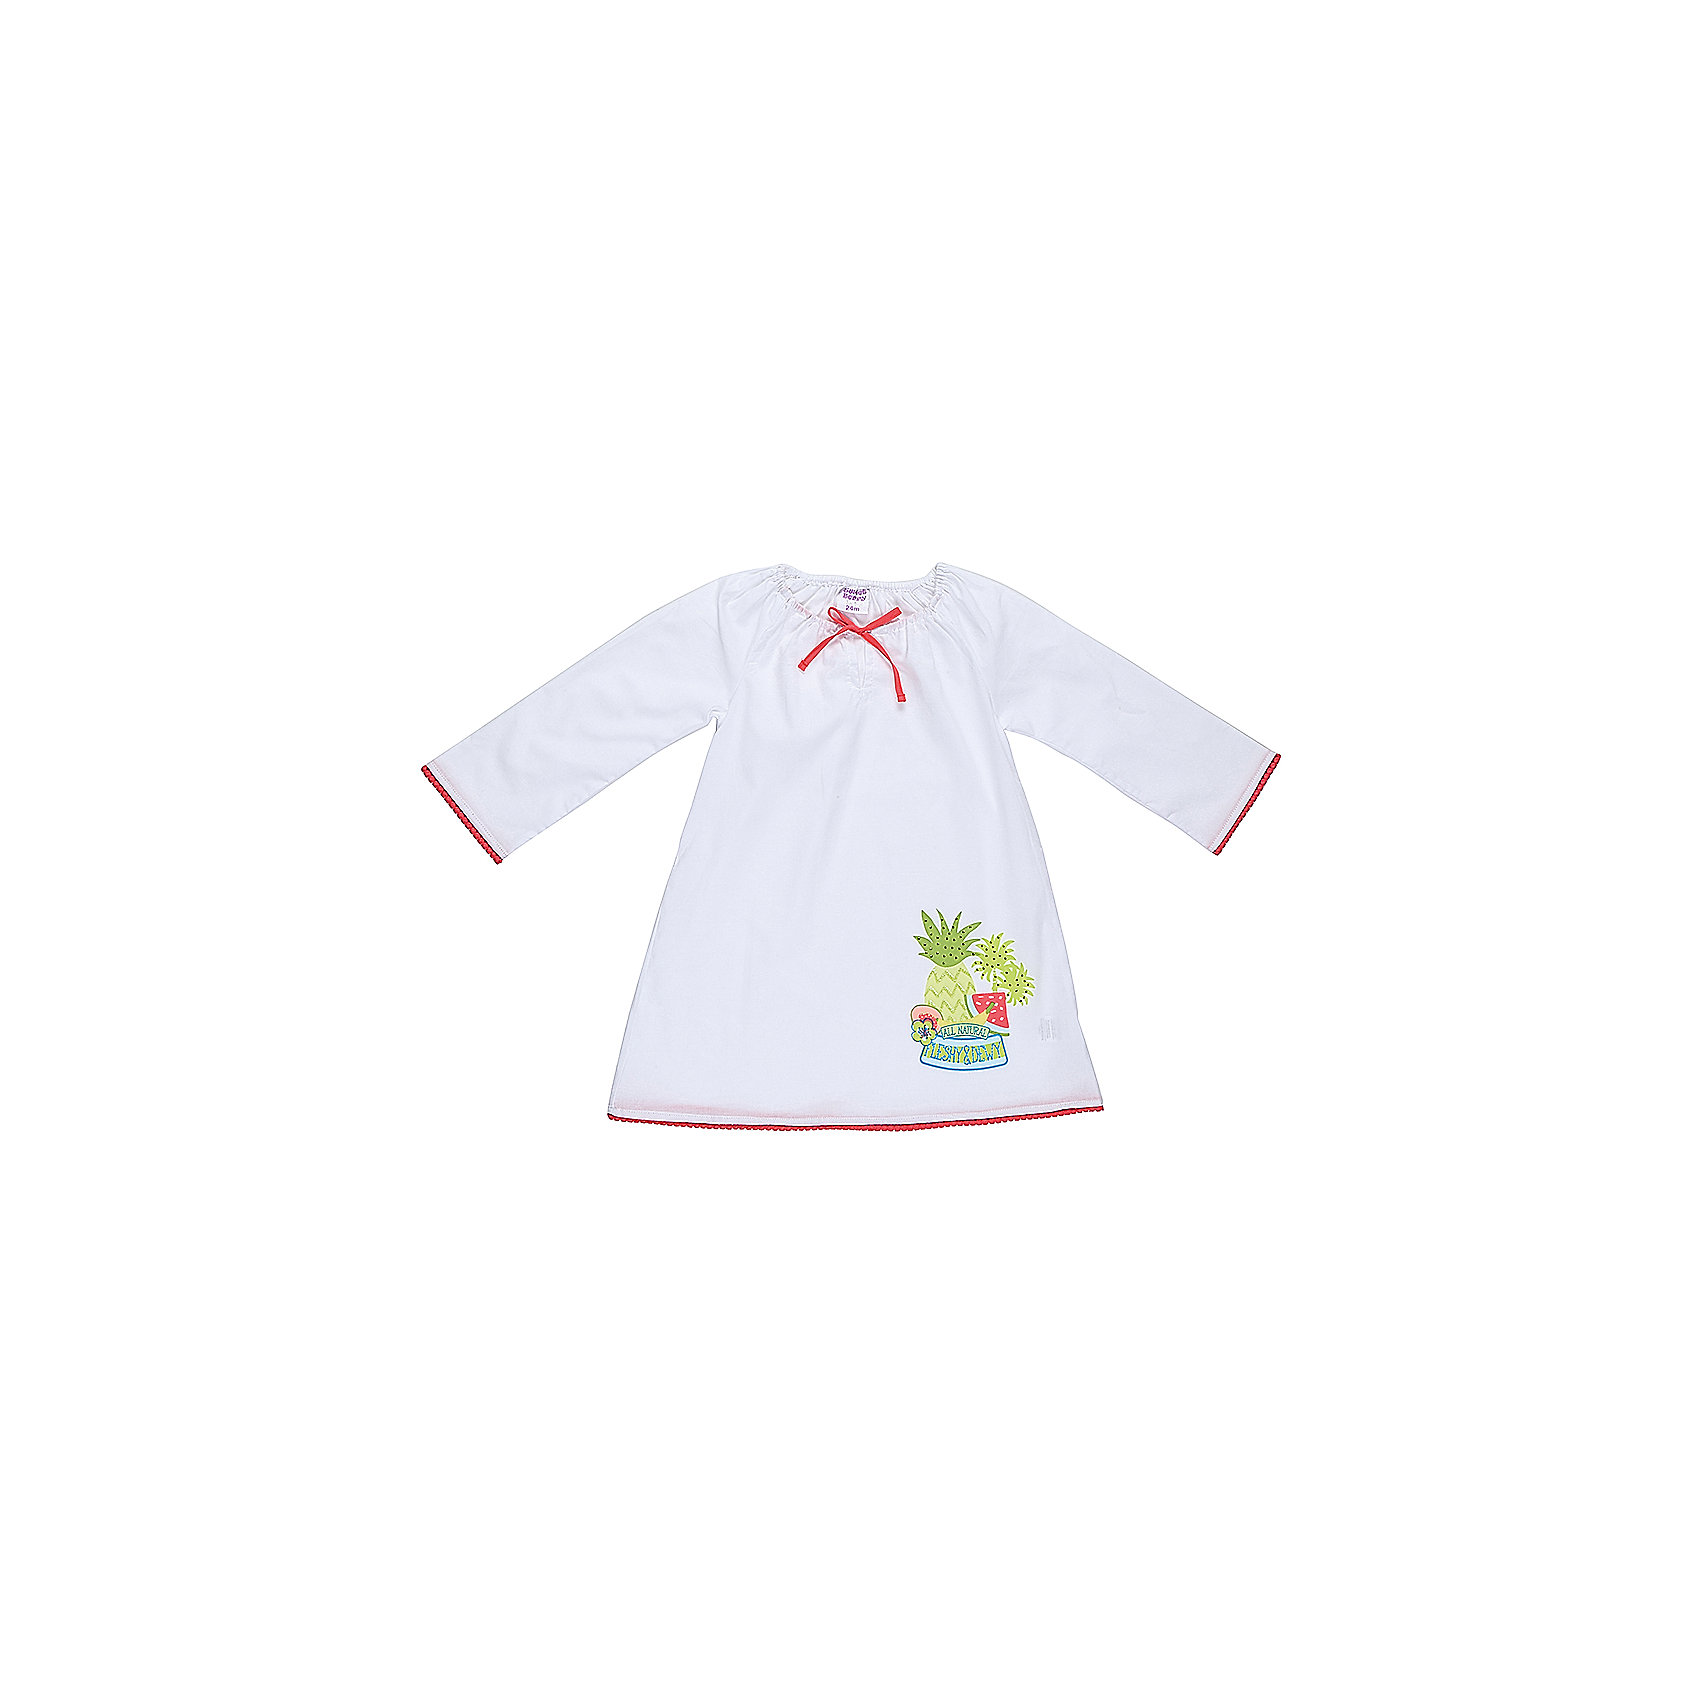 Платье для девочки Sweet BerryПлатья<br>Хлопковое платье-туника для жаркого лета. Декориованно ярким принтом по низу изделия.<br>Состав:<br>100% хлопок<br><br>Ширина мм: 236<br>Глубина мм: 16<br>Высота мм: 184<br>Вес г: 177<br>Цвет: белый<br>Возраст от месяцев: 24<br>Возраст до месяцев: 36<br>Пол: Женский<br>Возраст: Детский<br>Размер: 98,92,86,80<br>SKU: 5410899